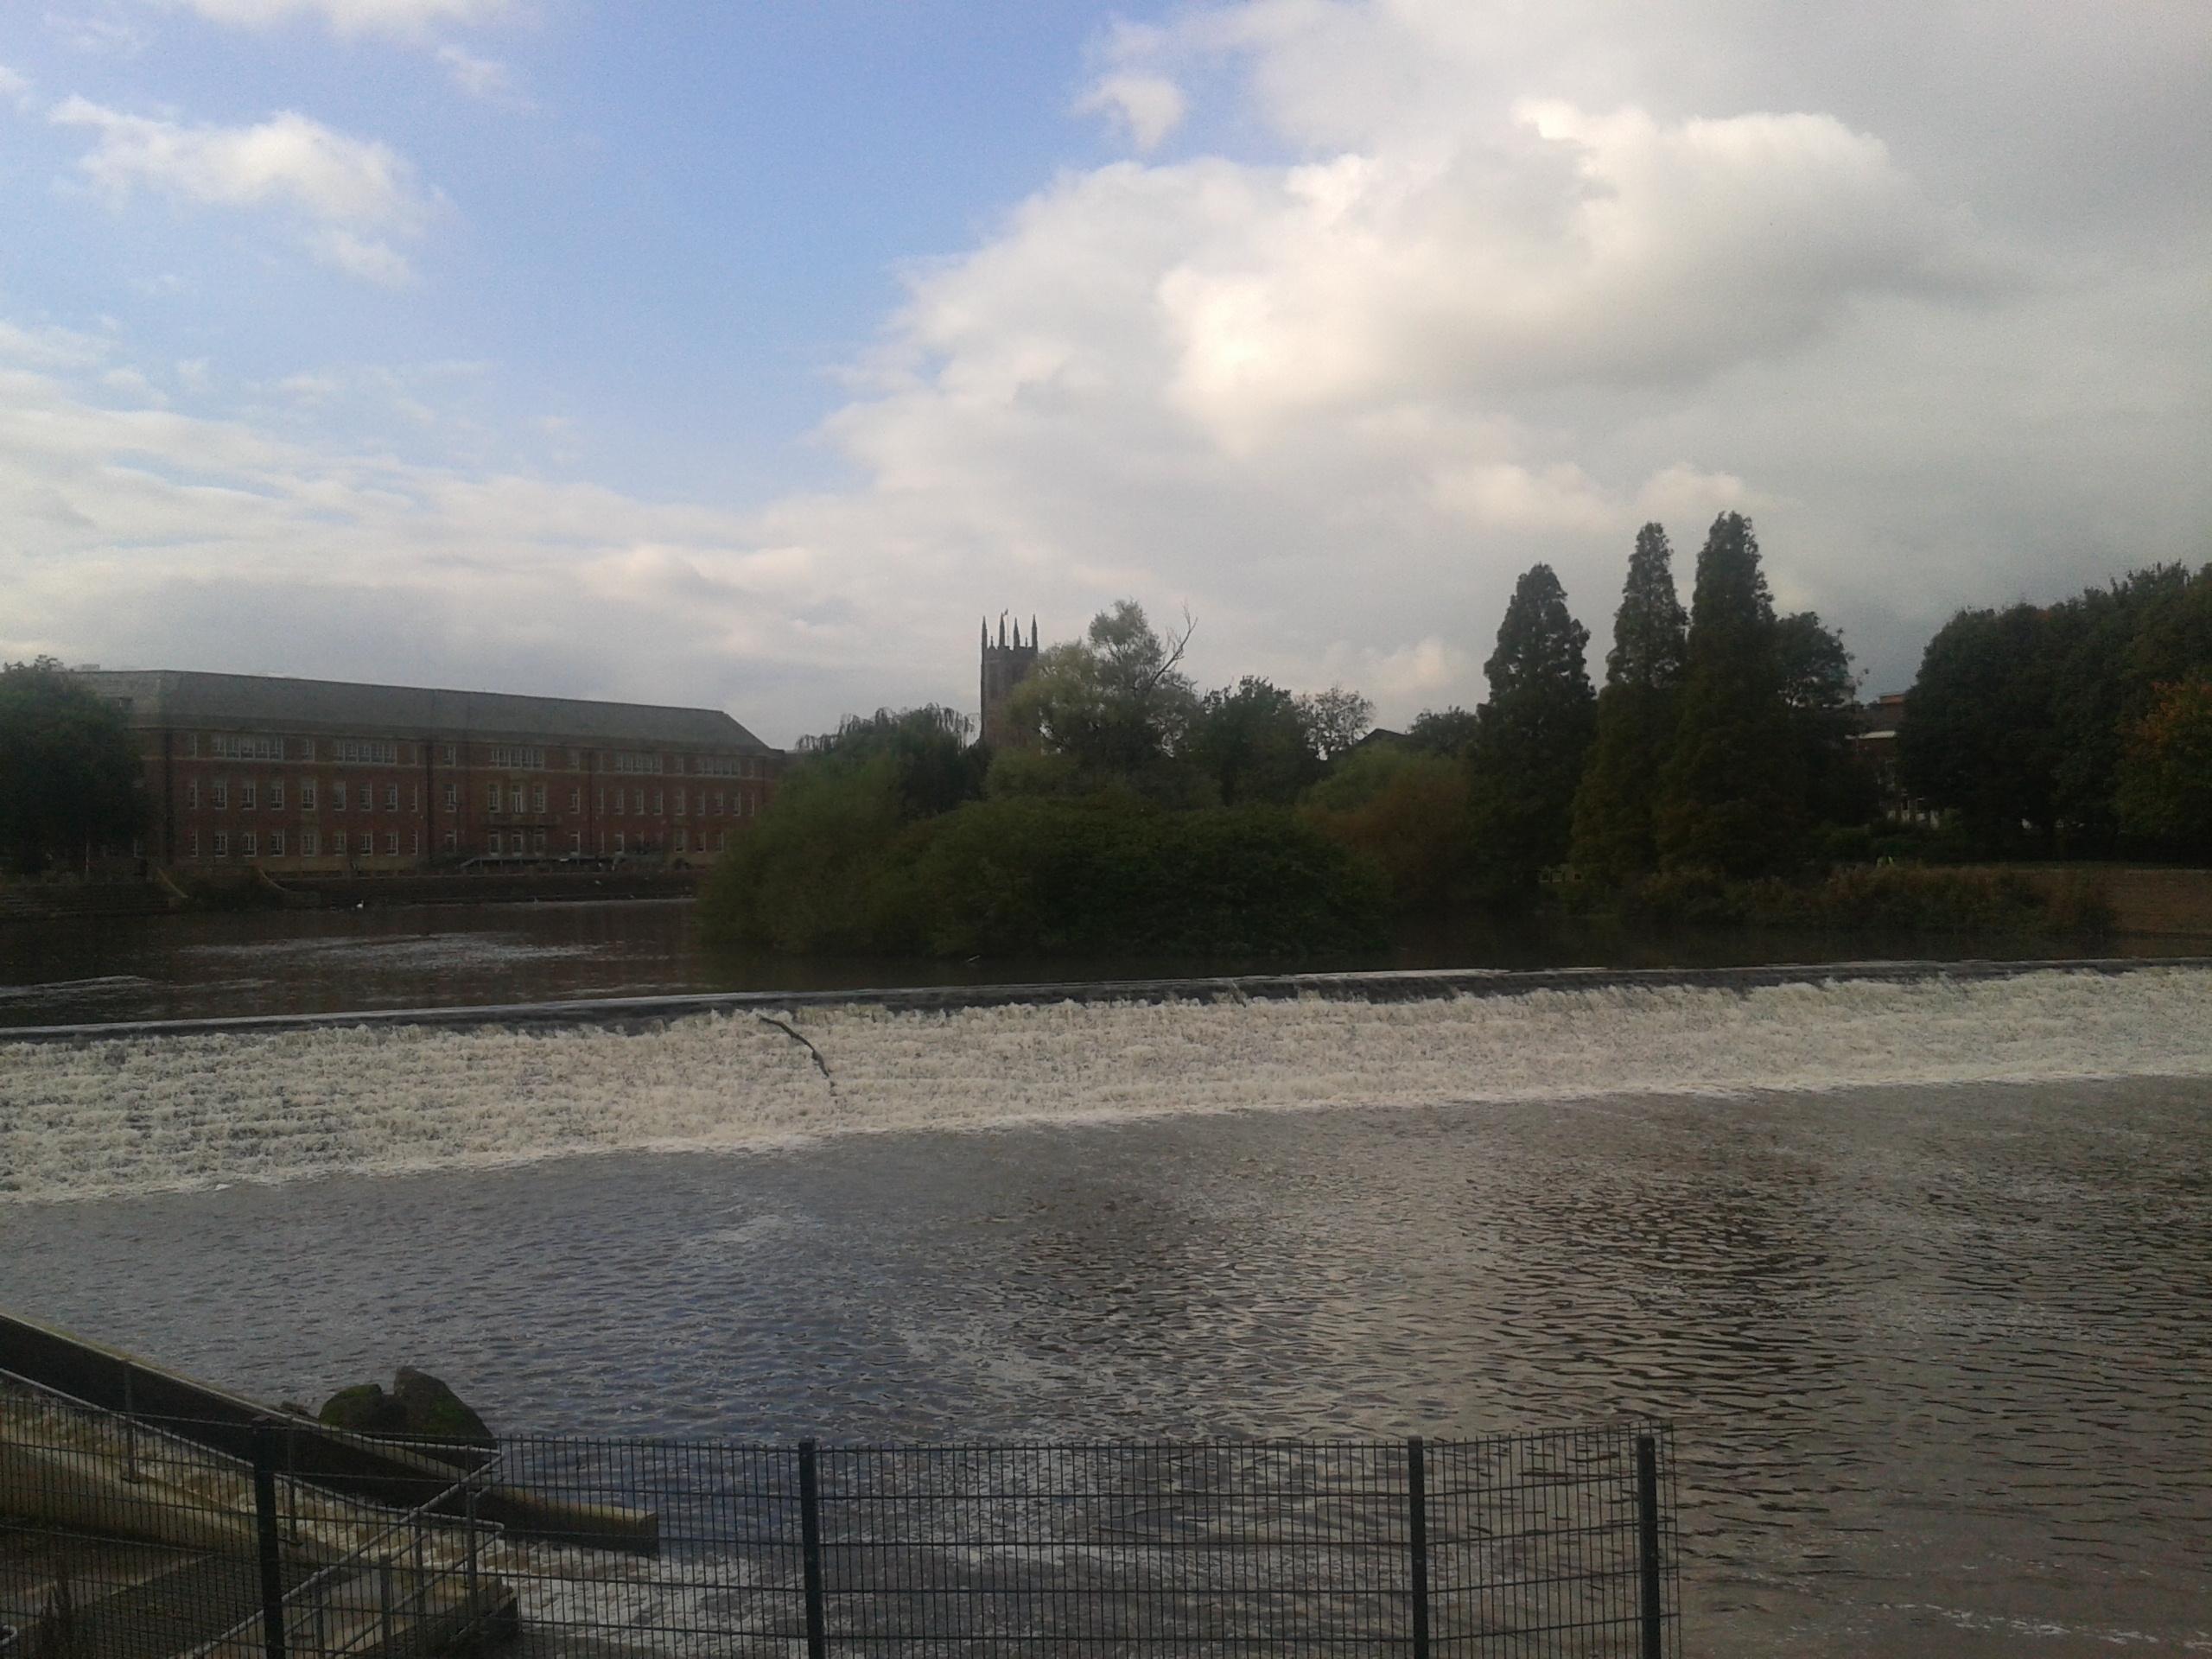 Fluss Derwent 2013-10-15 14.25.44